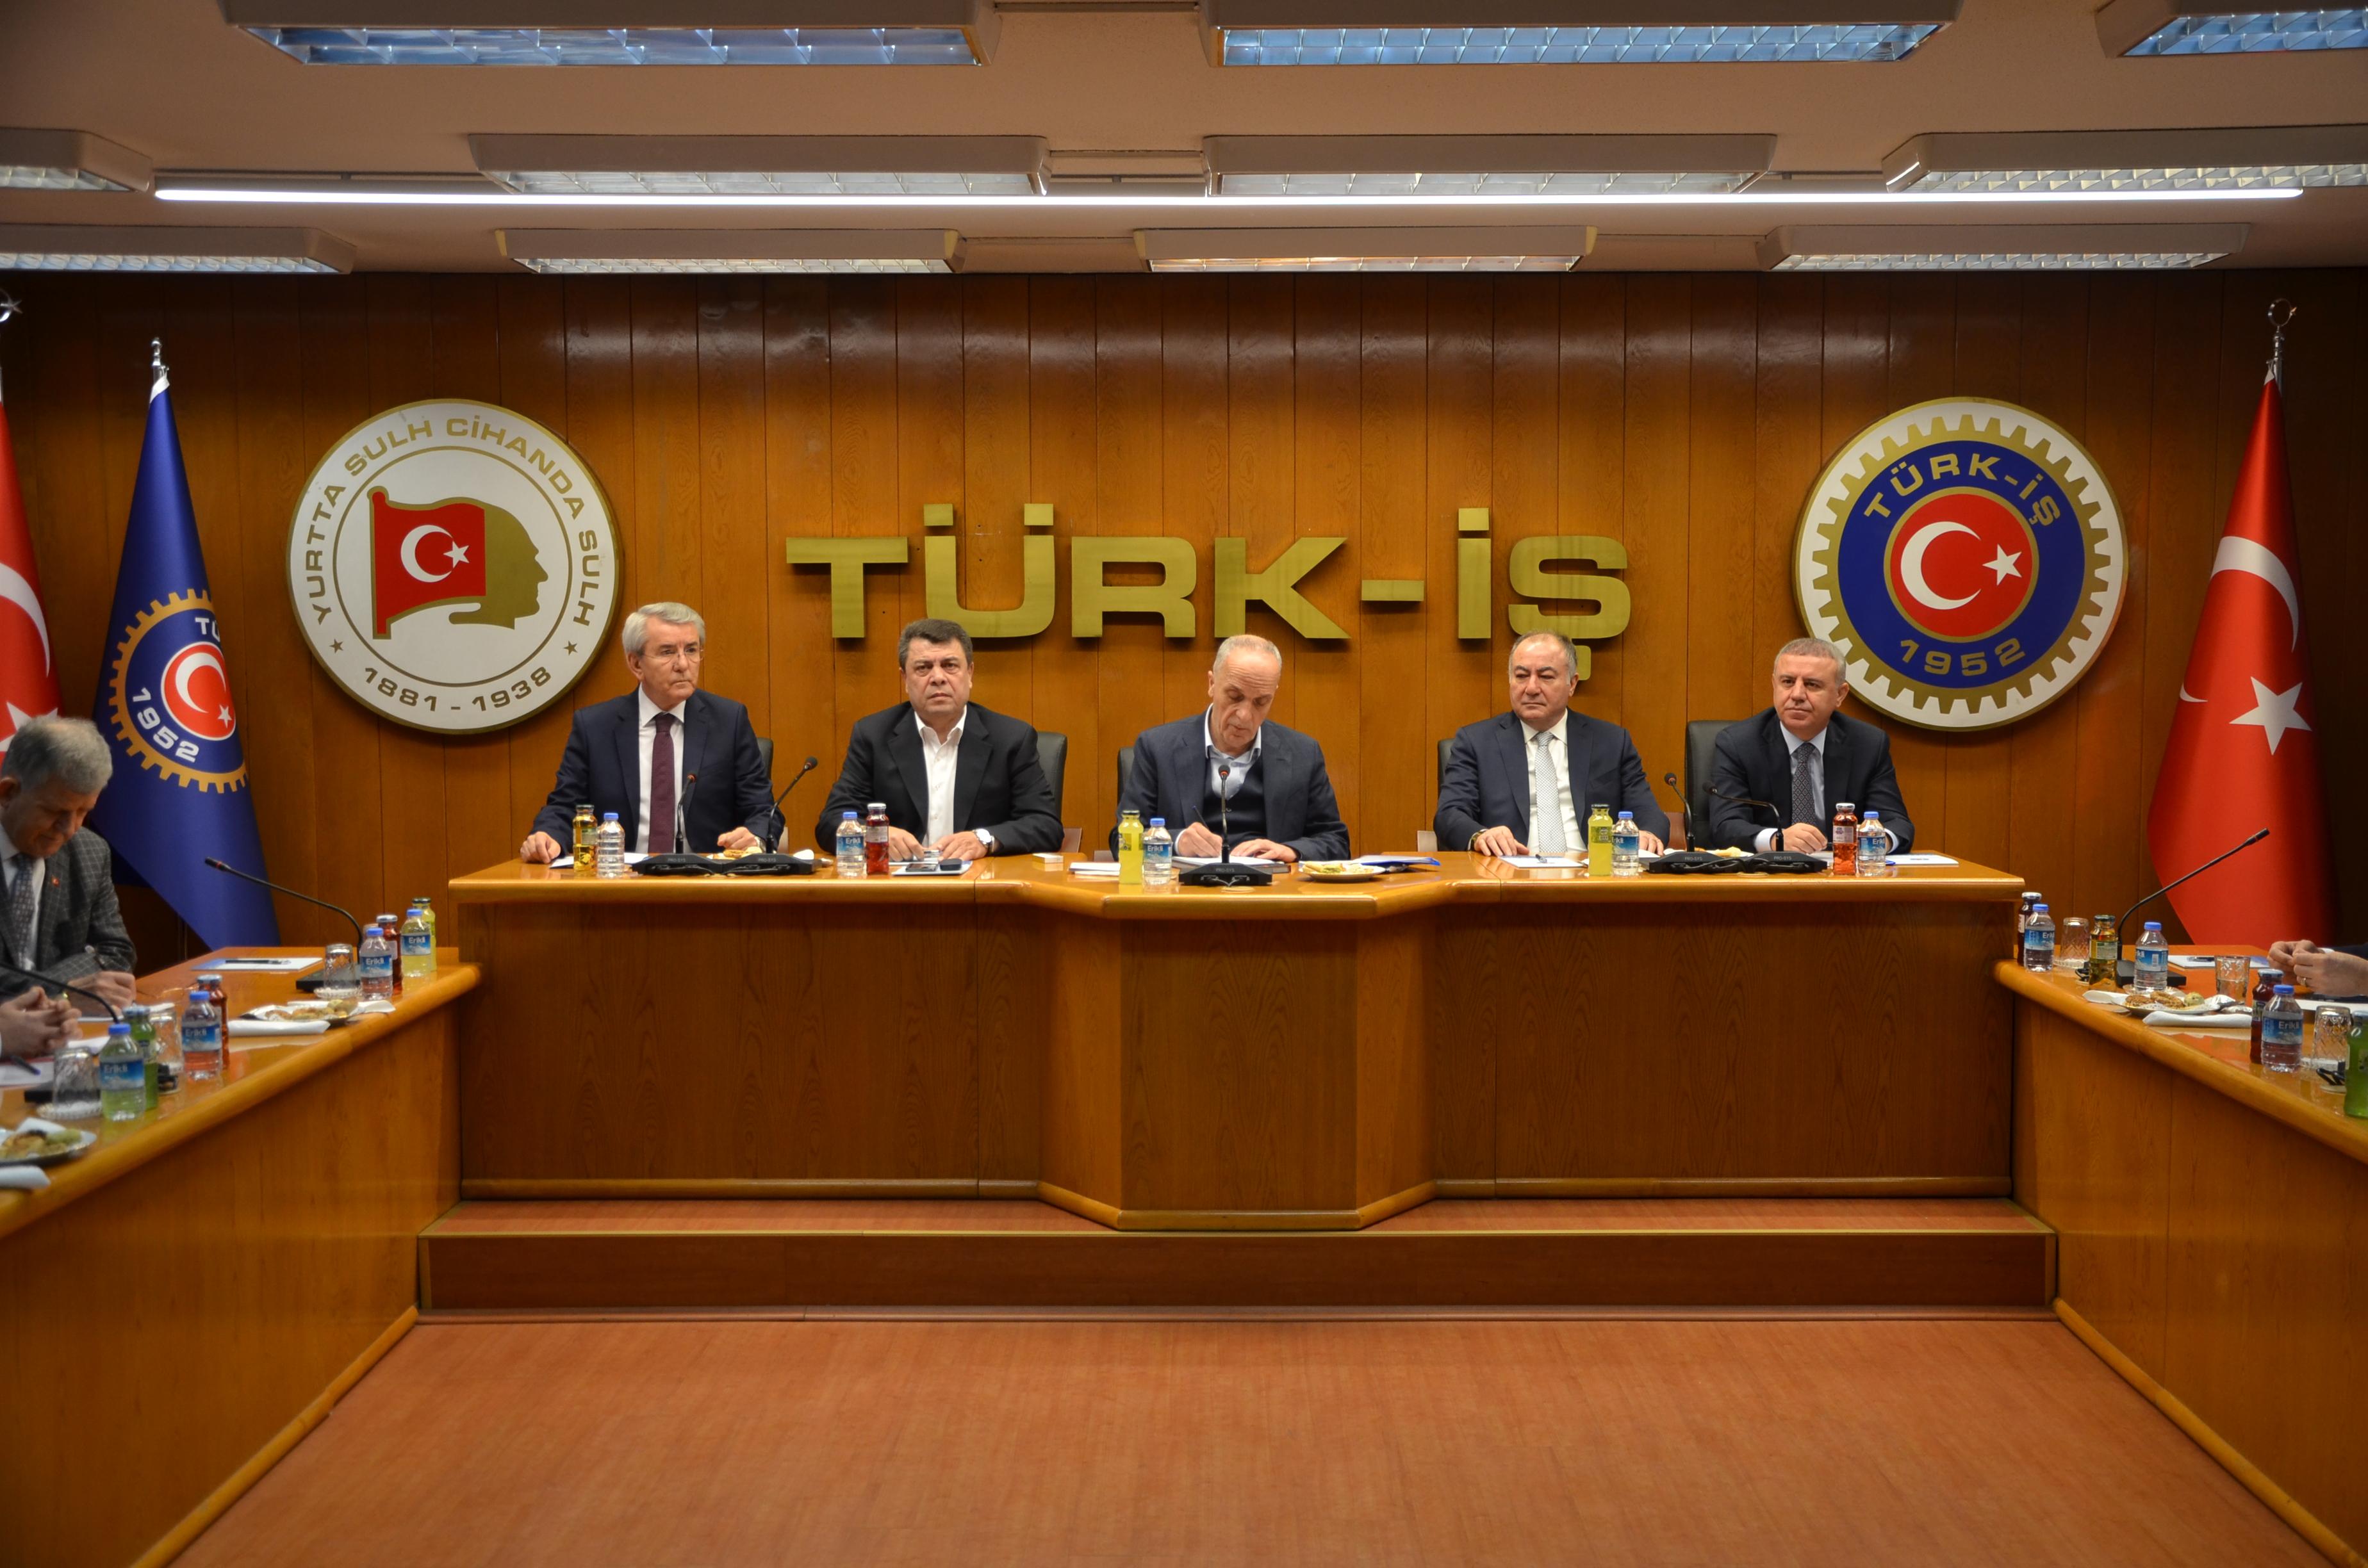 TÜRK-İŞ Başkanlar Kurulu, 23 Ocak 2019 Çarşamba günü TÜRK-İŞ Genel Merkezi'nde toplandı.